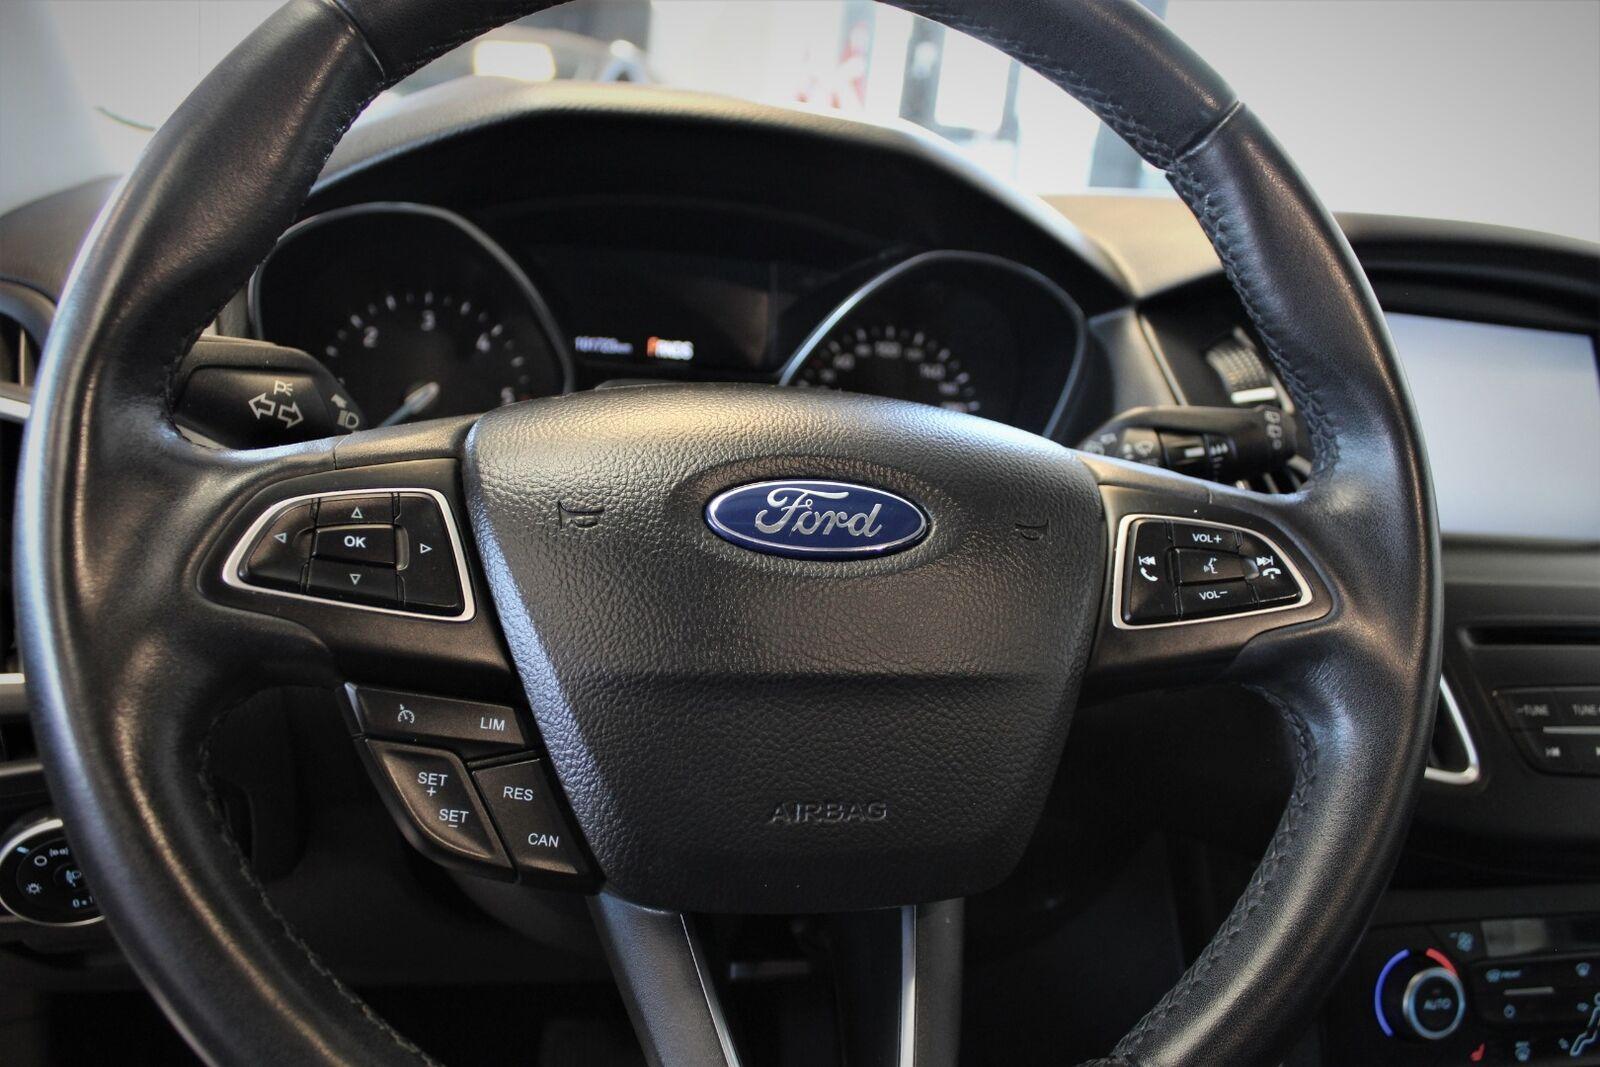 Ford Focus 1,5 TDCi 120 Titanium stc. aut. - billede 7